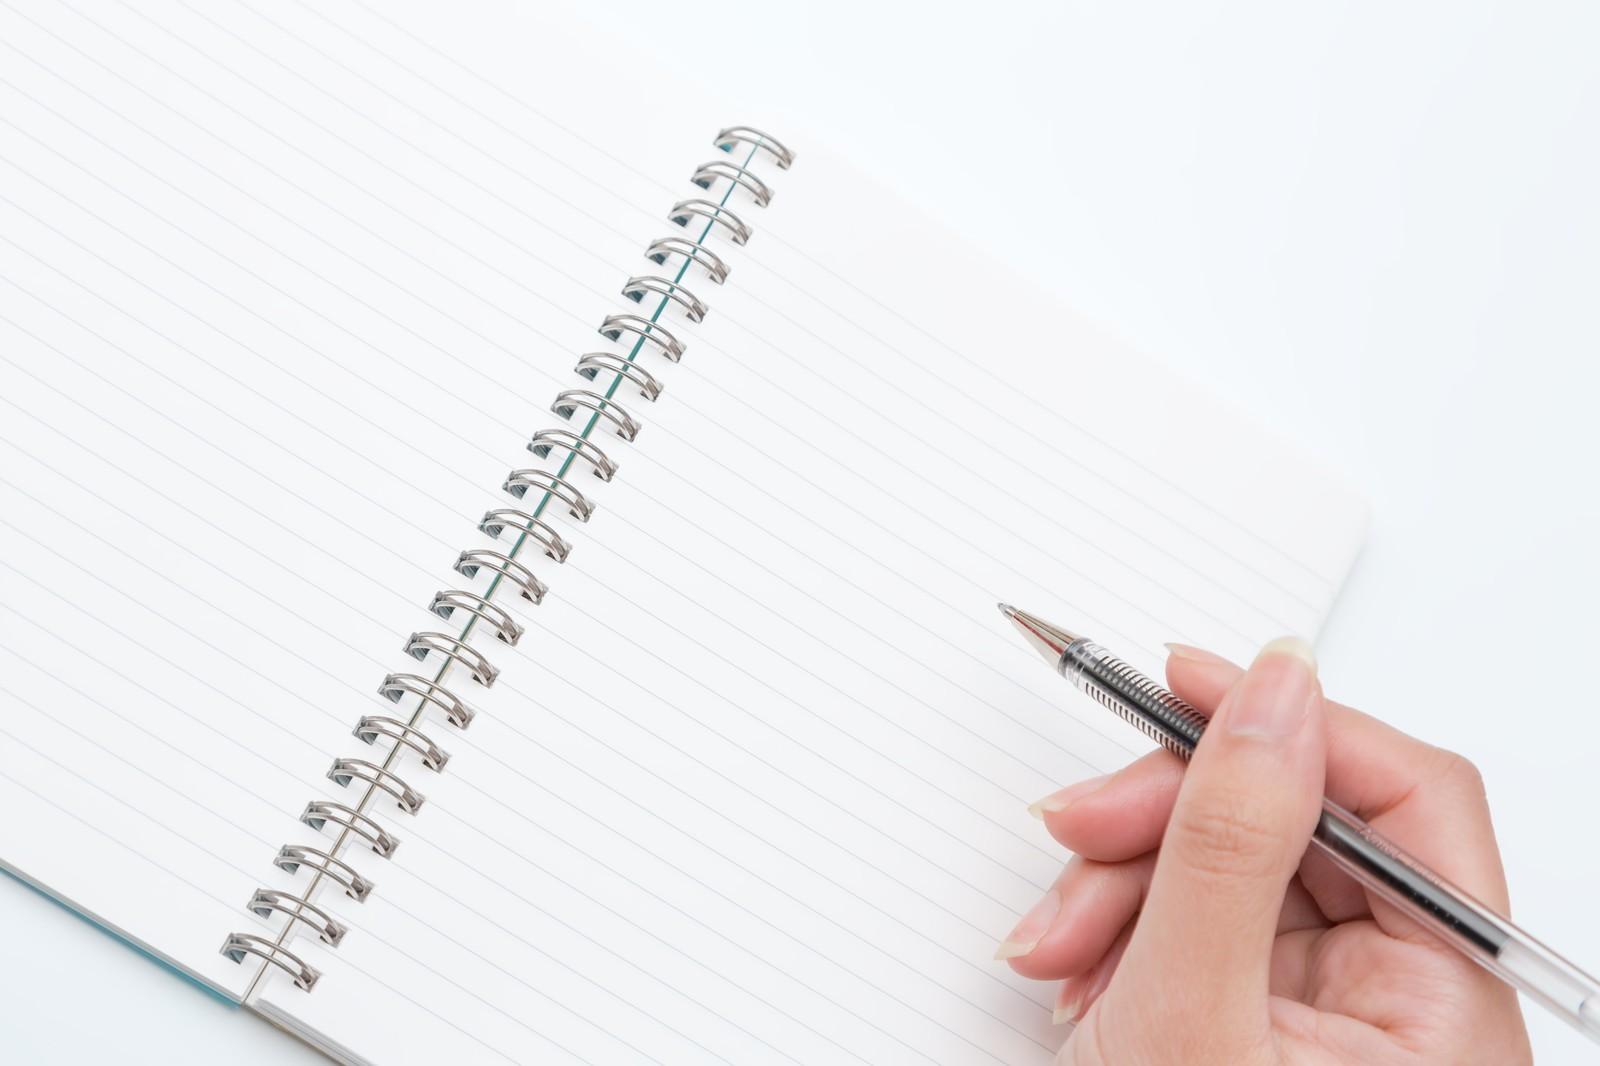 「とりあえず紙に書き出す」の画像検索結果